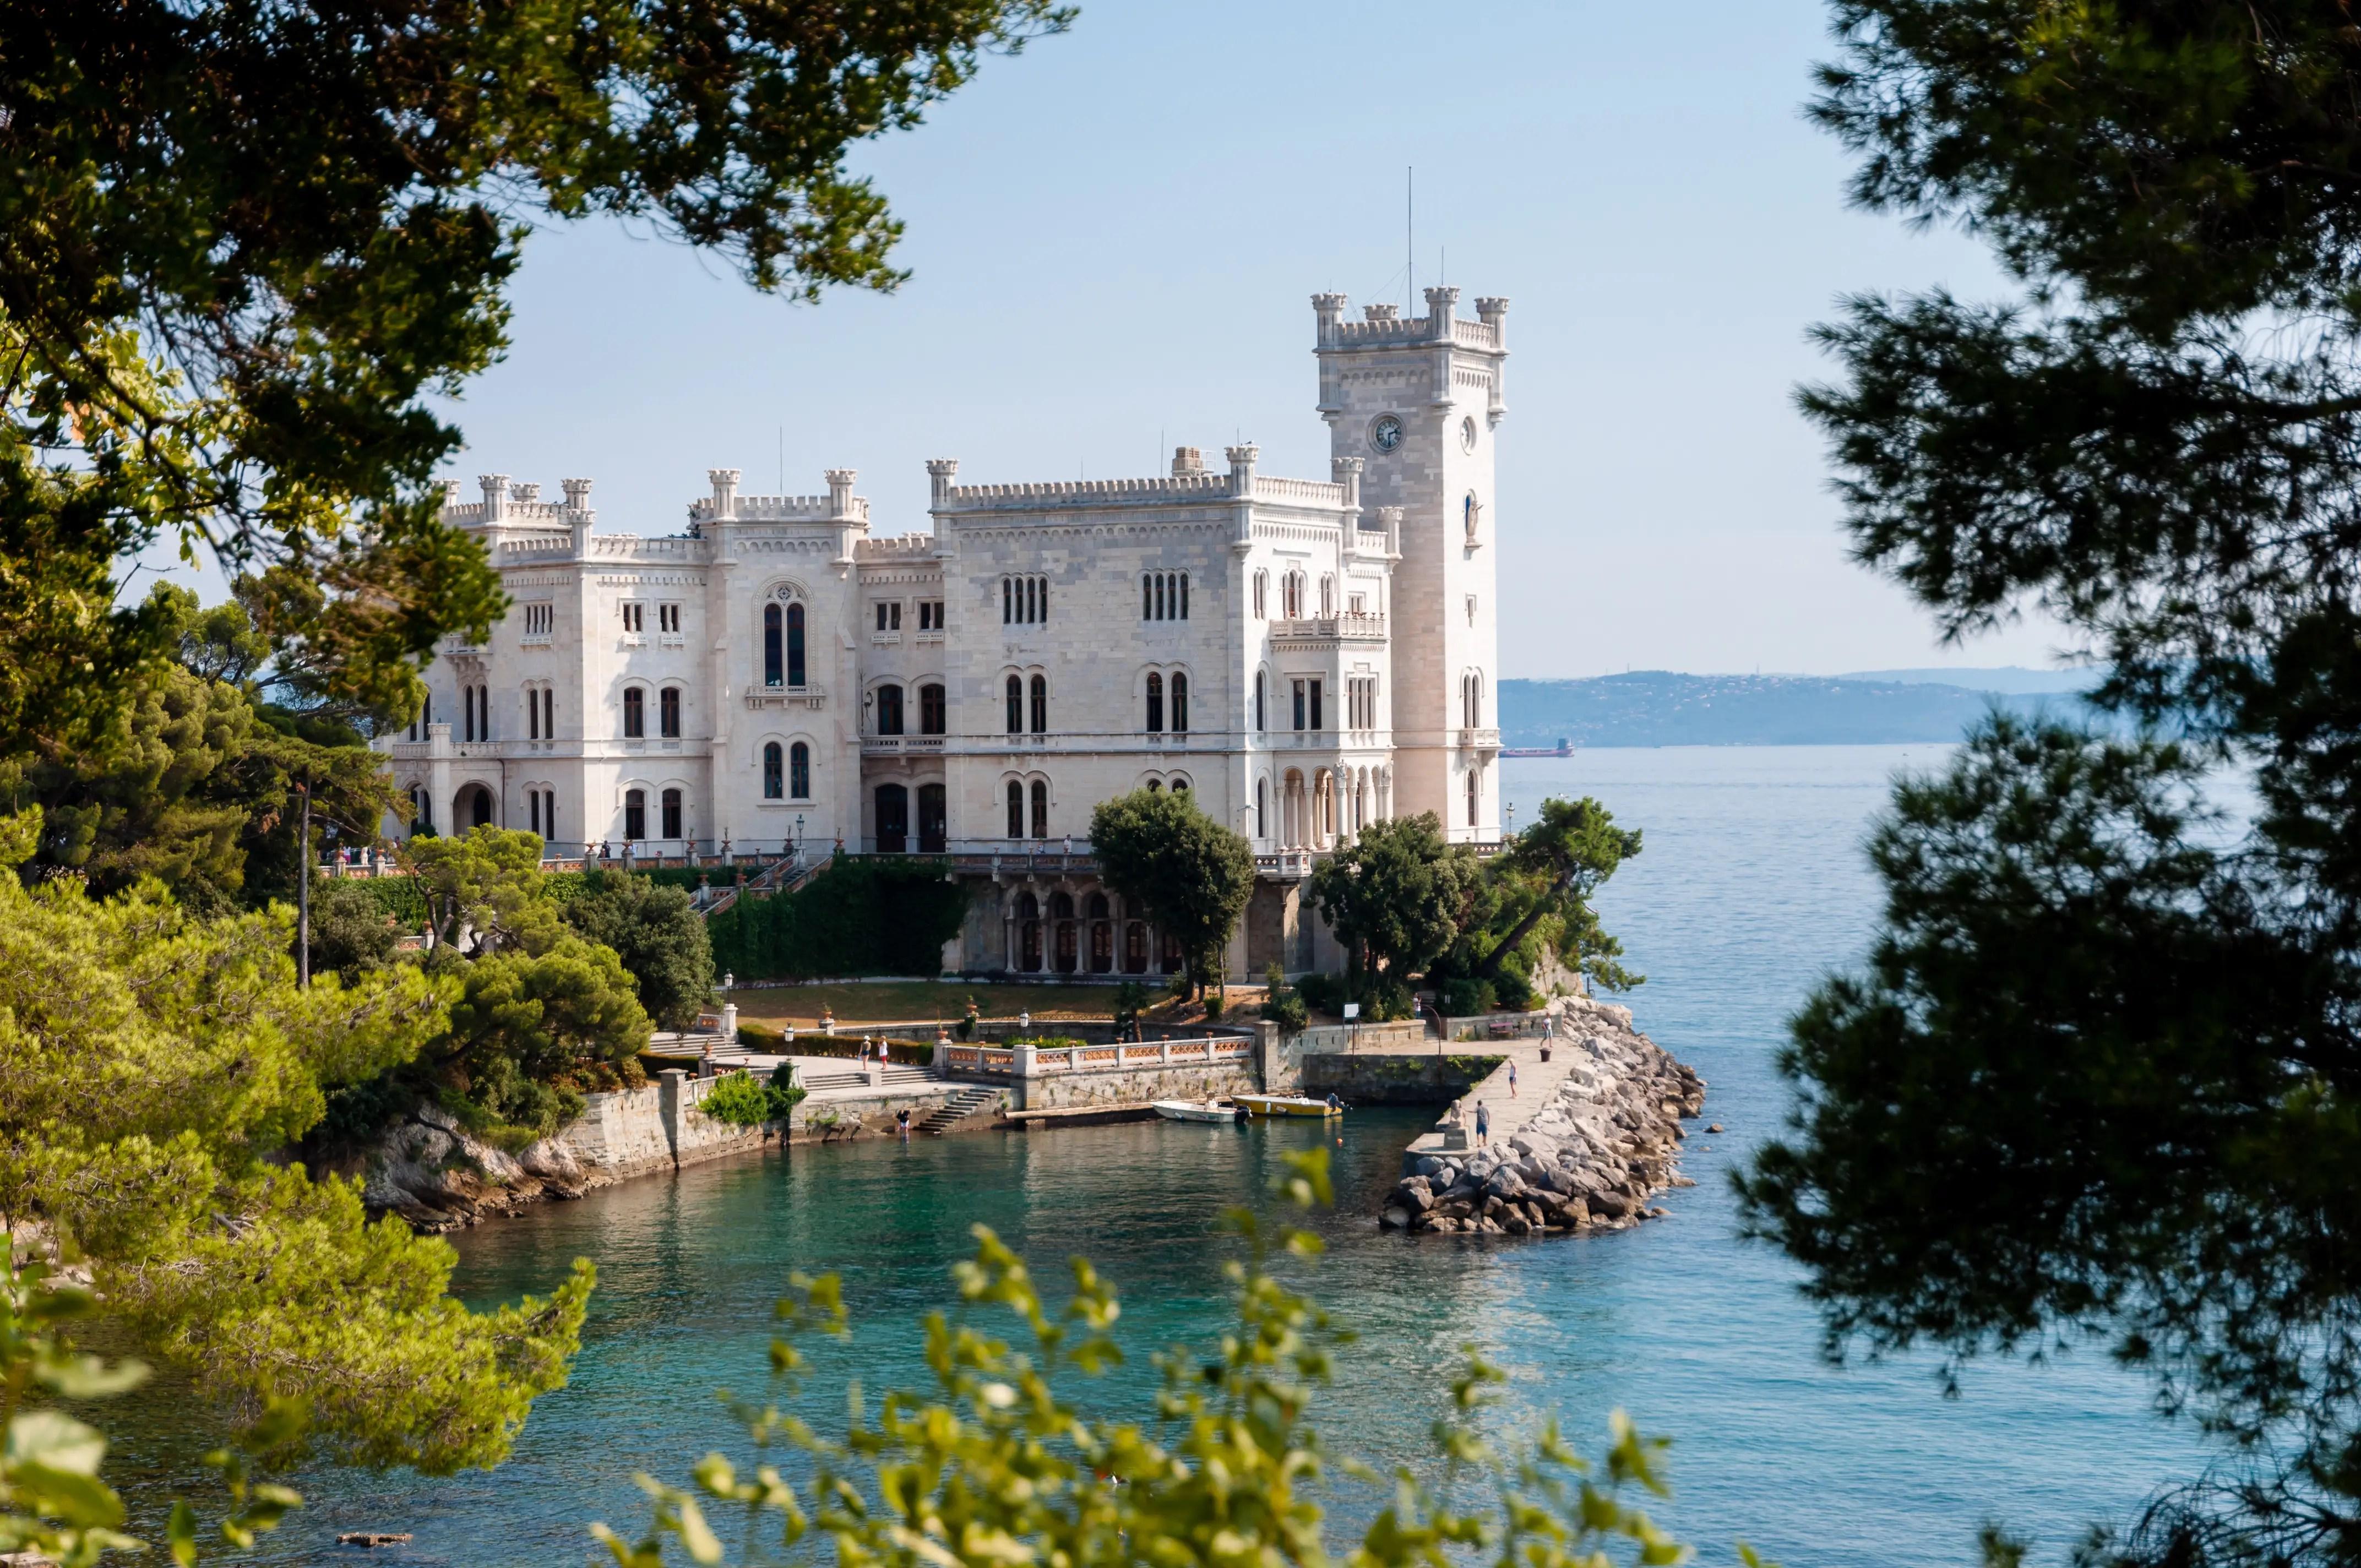 78. The spectacular Miramare Castle overhangs the Italian coast near Trieste.